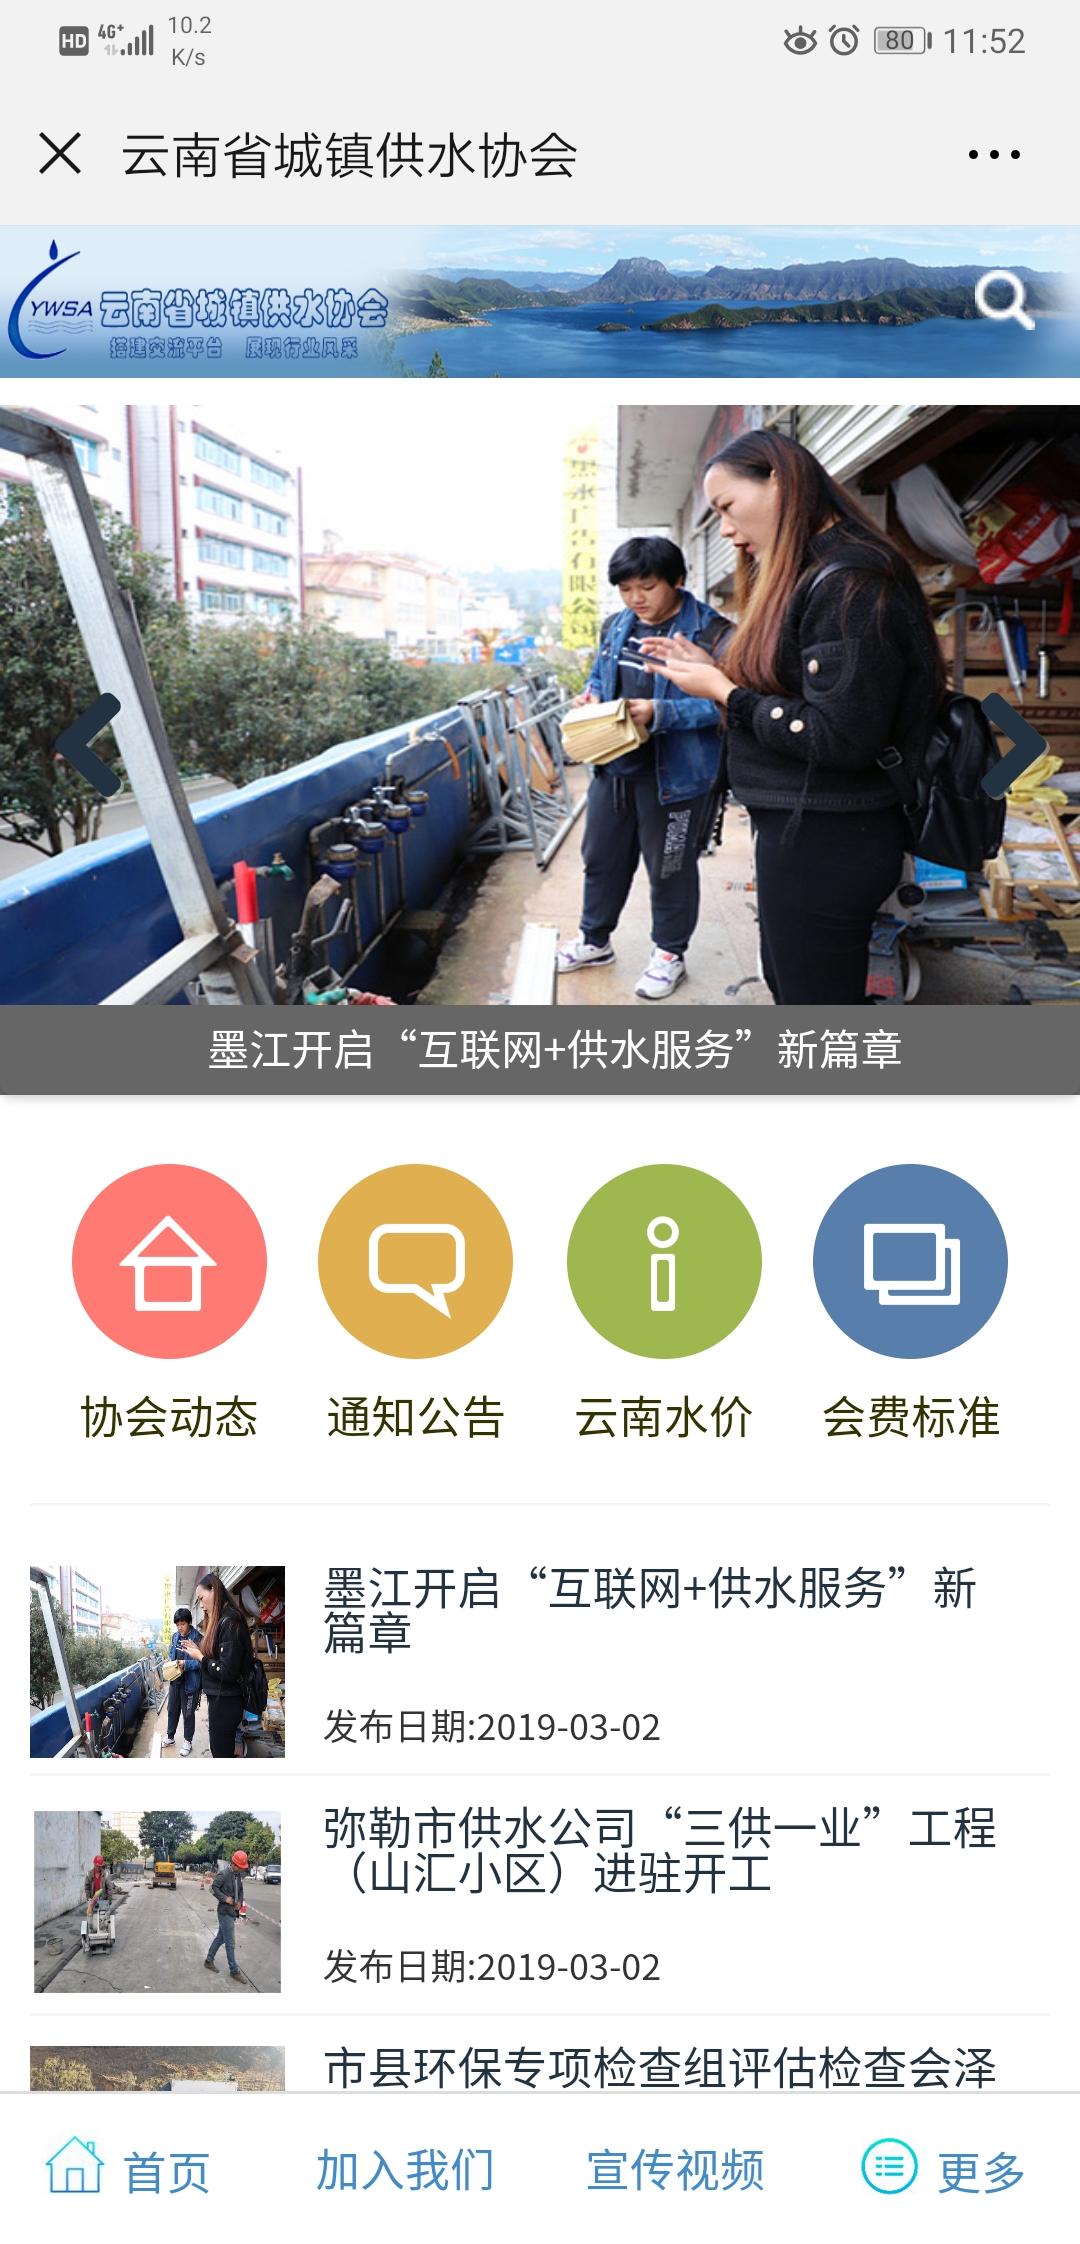 云南供水网手机版上线运行2.jpg